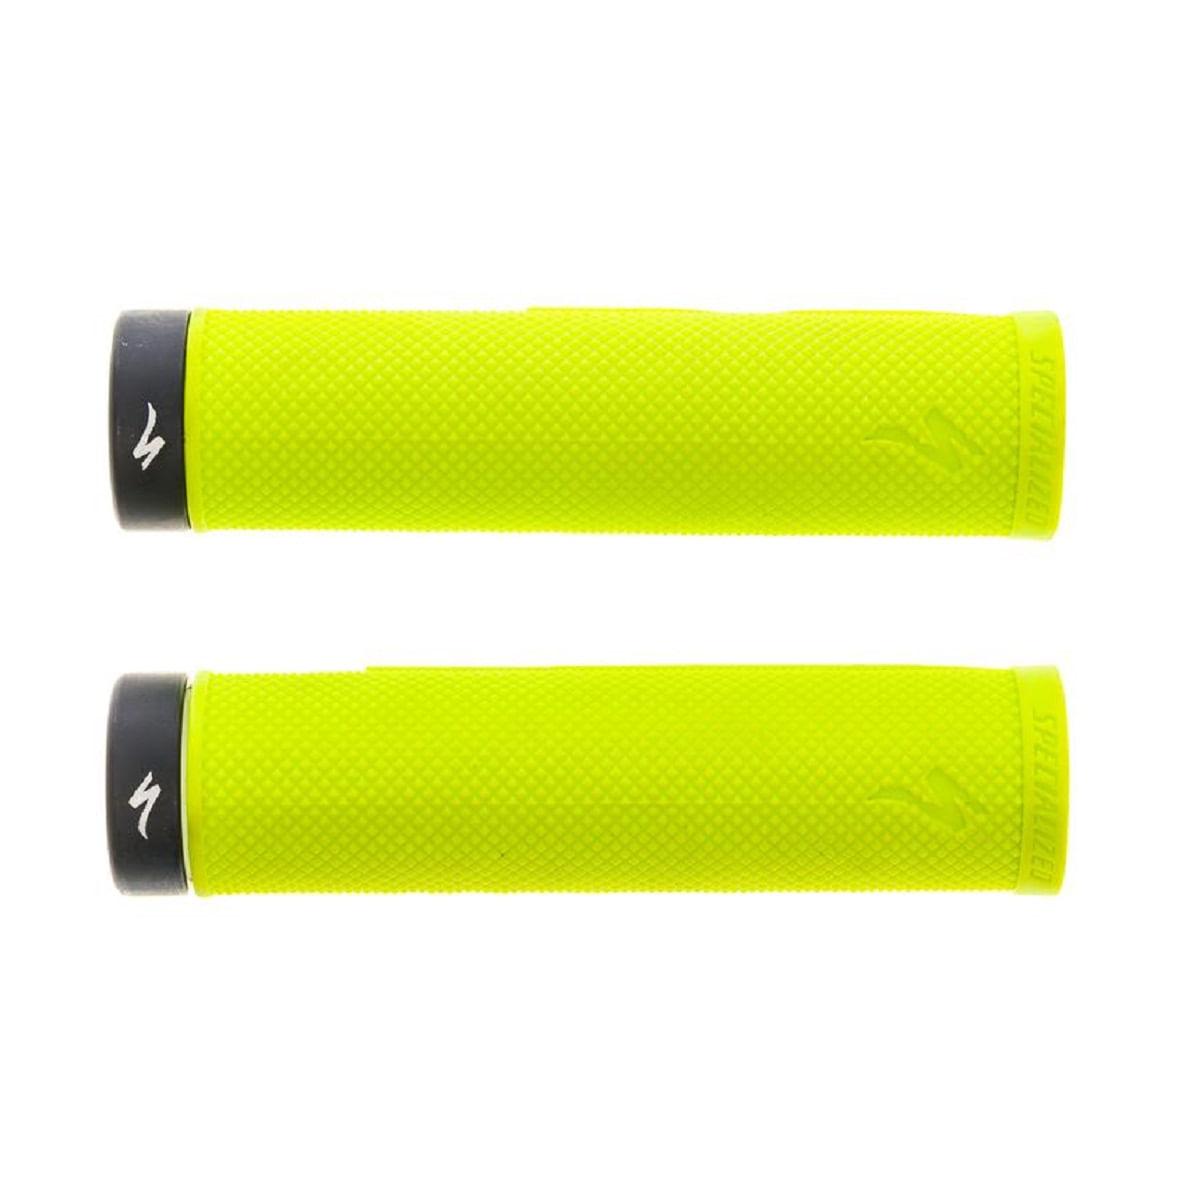 Manopla-de-Bike-MTB-Specialized-SIP-Locking-Verde-com-Trava--1-